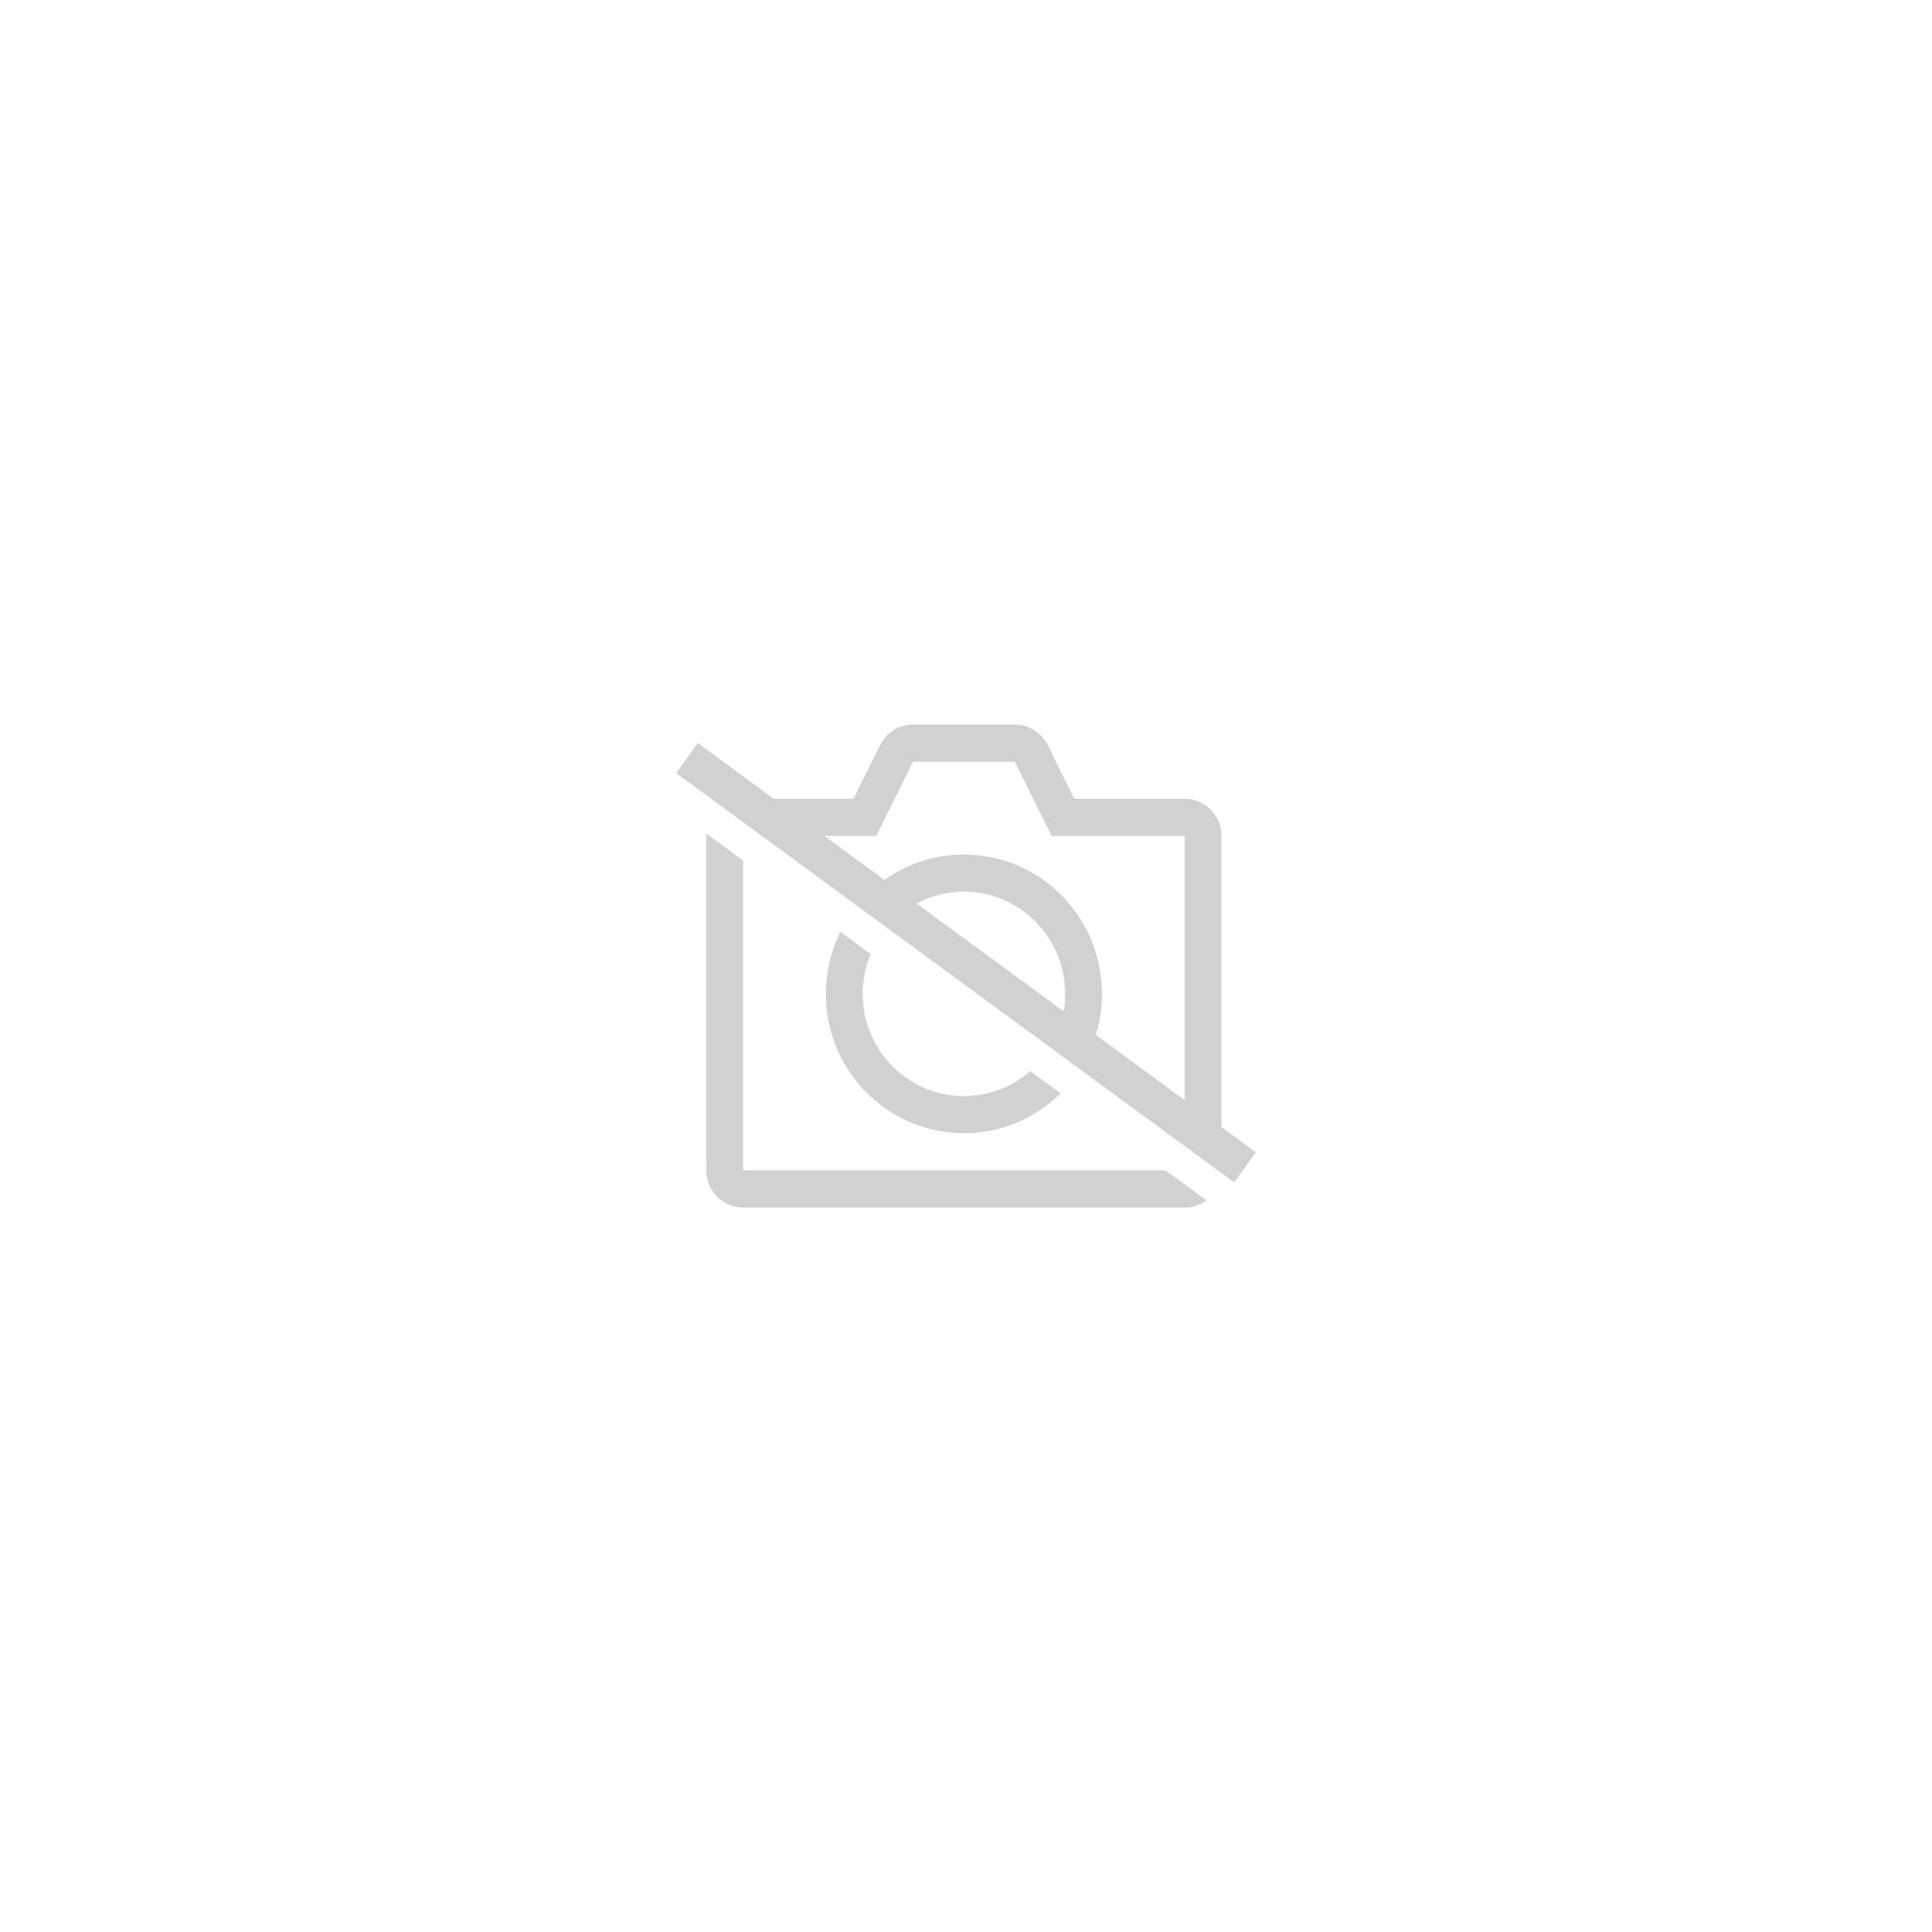 Annonce Minichamps - 1 18 - Mclaren Mp4 1c - Bellof Test Silverstone  Novembre 8879d700a35